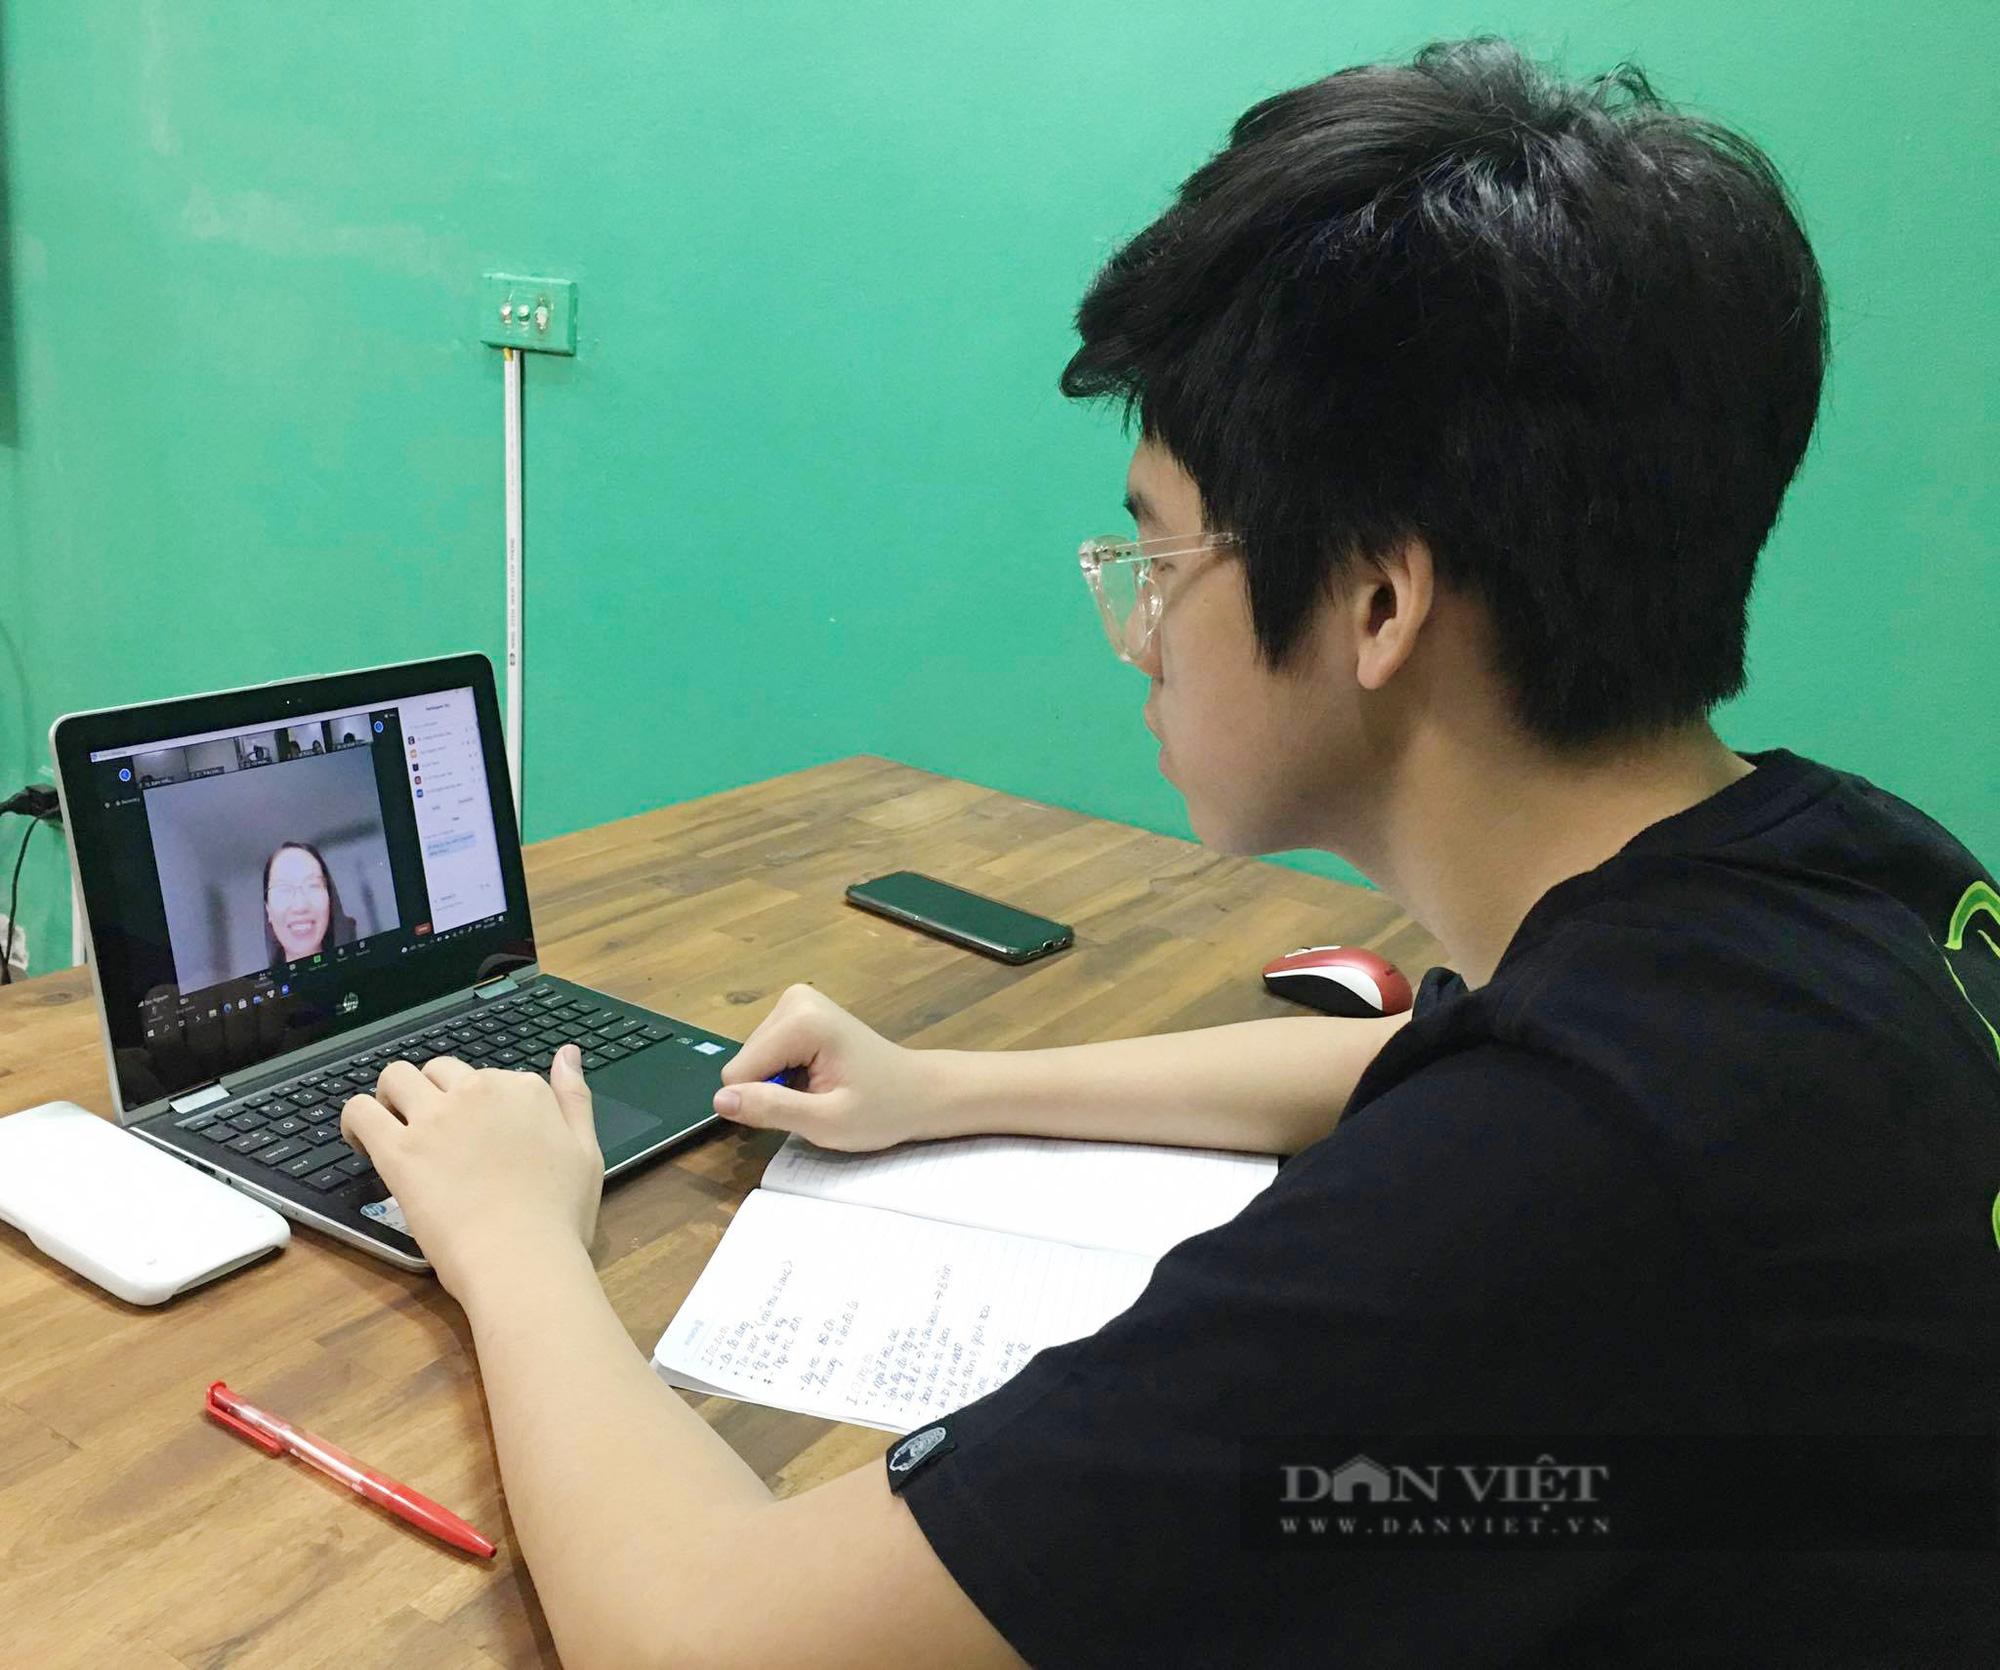 Hà Nội: Các trường bắt đầu cho học sinh ôn tập và kiểm tra học kỳ 2 online - Ảnh 2.